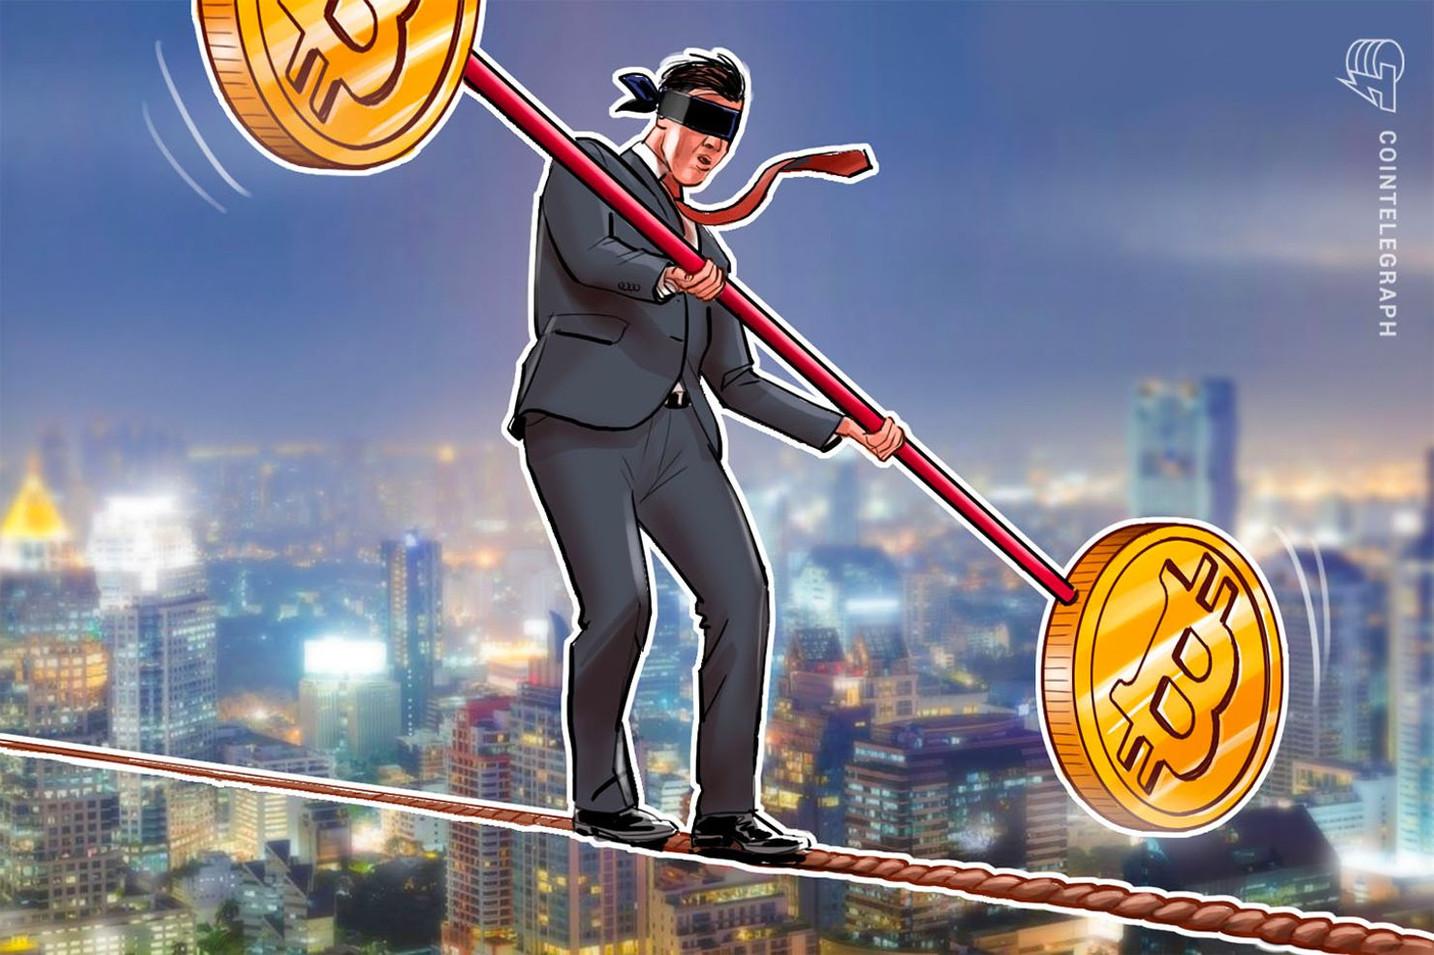 仮想通貨ビットコイン、1万ドルまでスムーズに上昇する?見方分かれる